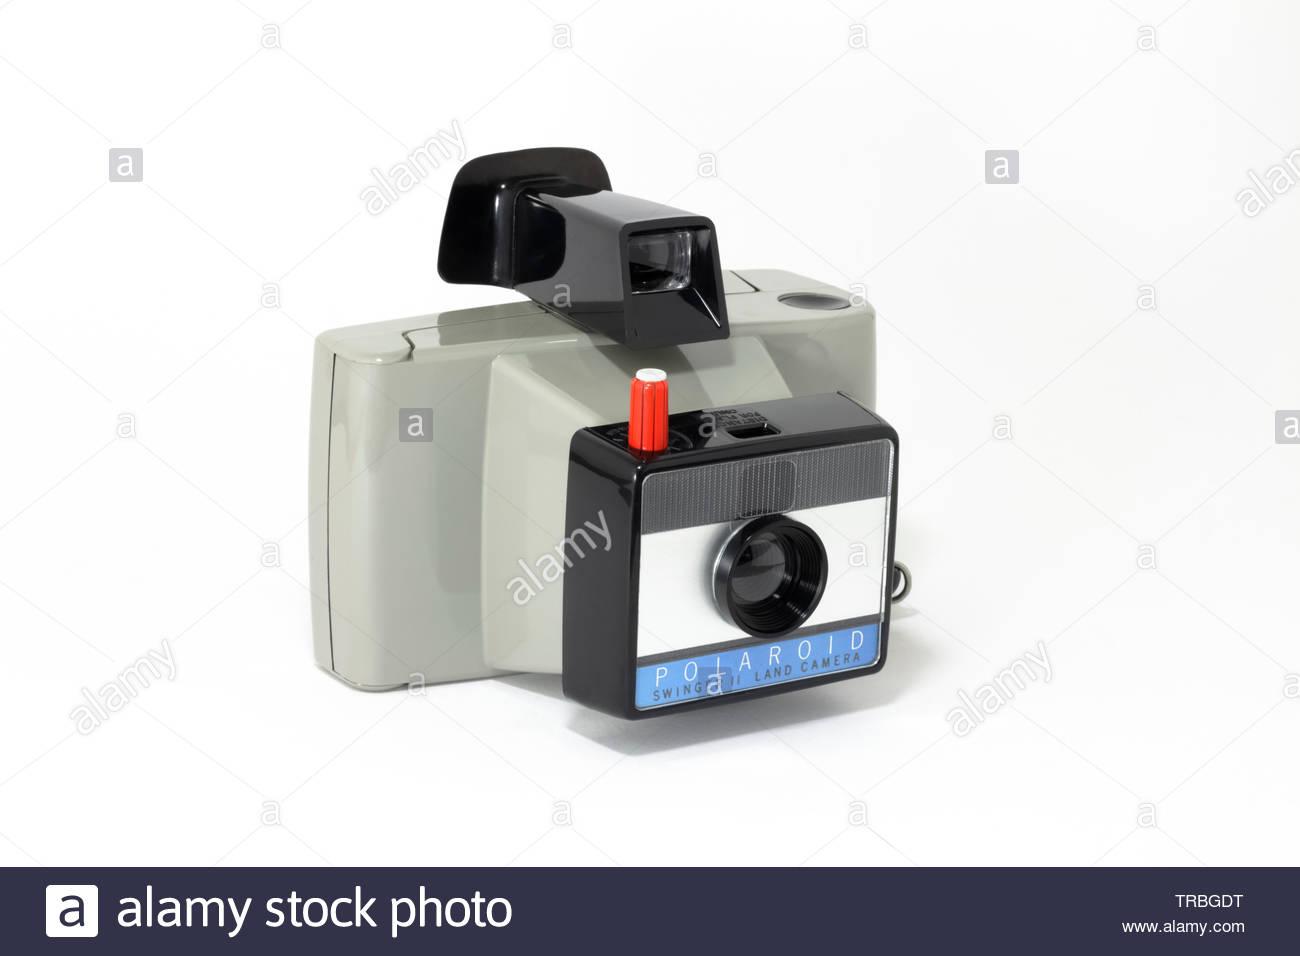 Polaroid Film Stock Photos & Polaroid Film Stock Images